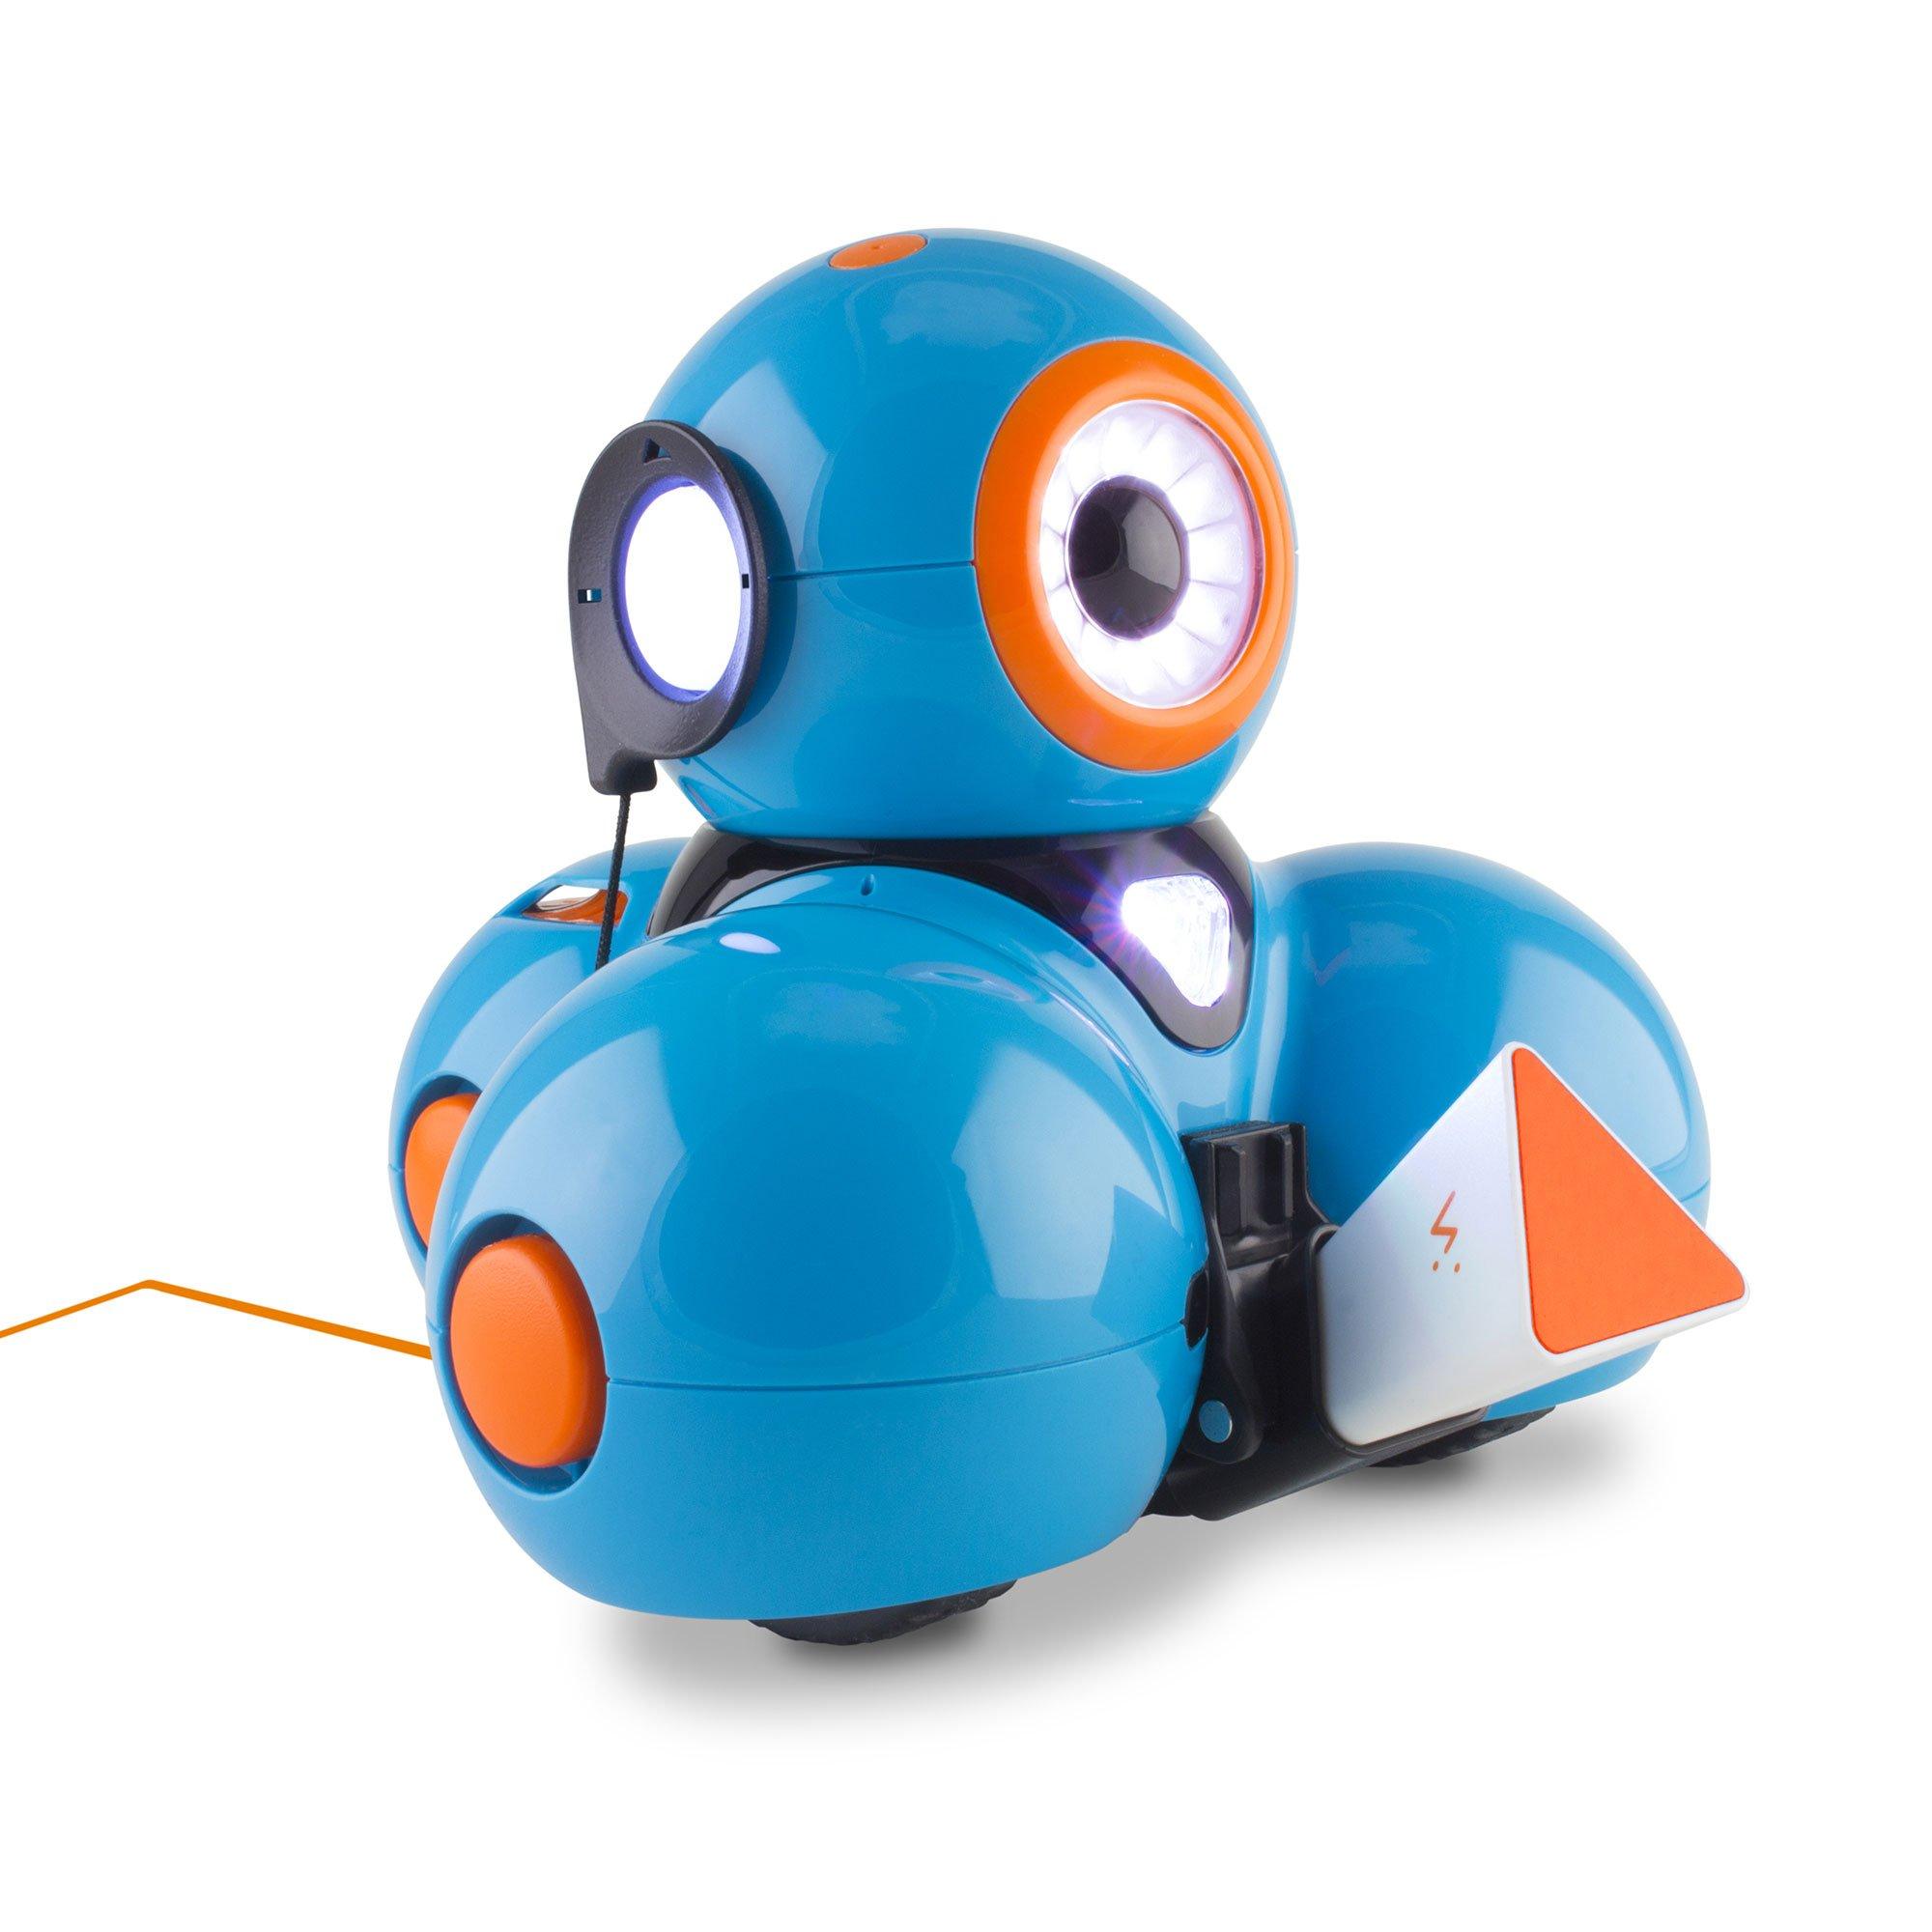 Wonder Workshop – Dash Robot Coding for Kids 6+ – Dash Challenge Cards and Sketch Kit Bundle – (Amazon Exclusive) by Wonder Workshop (Image #2)